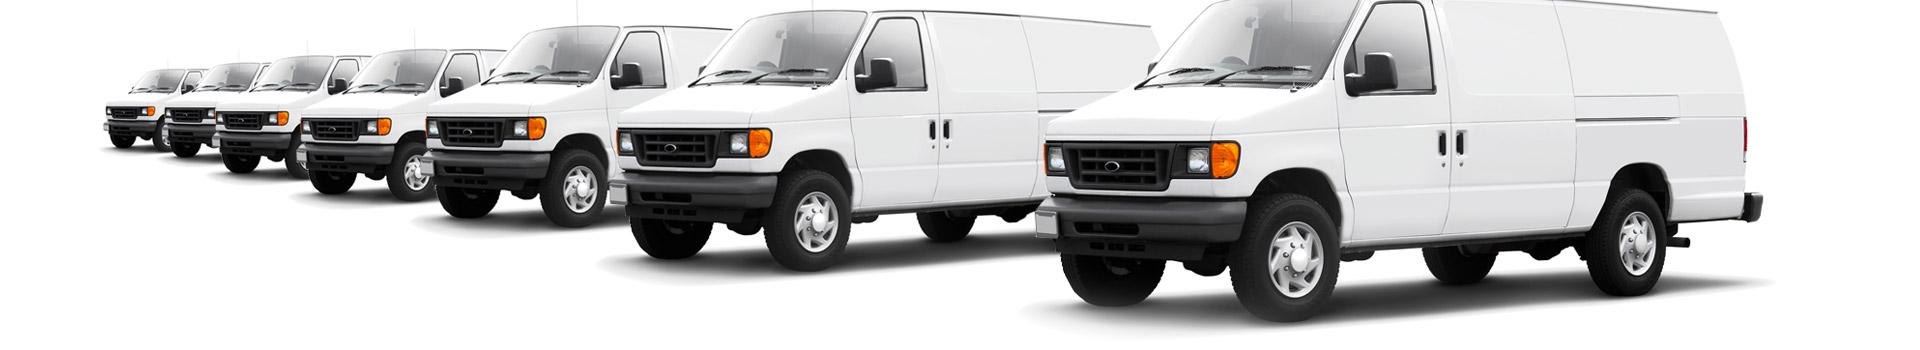 Automotive Maintenance for Fleets